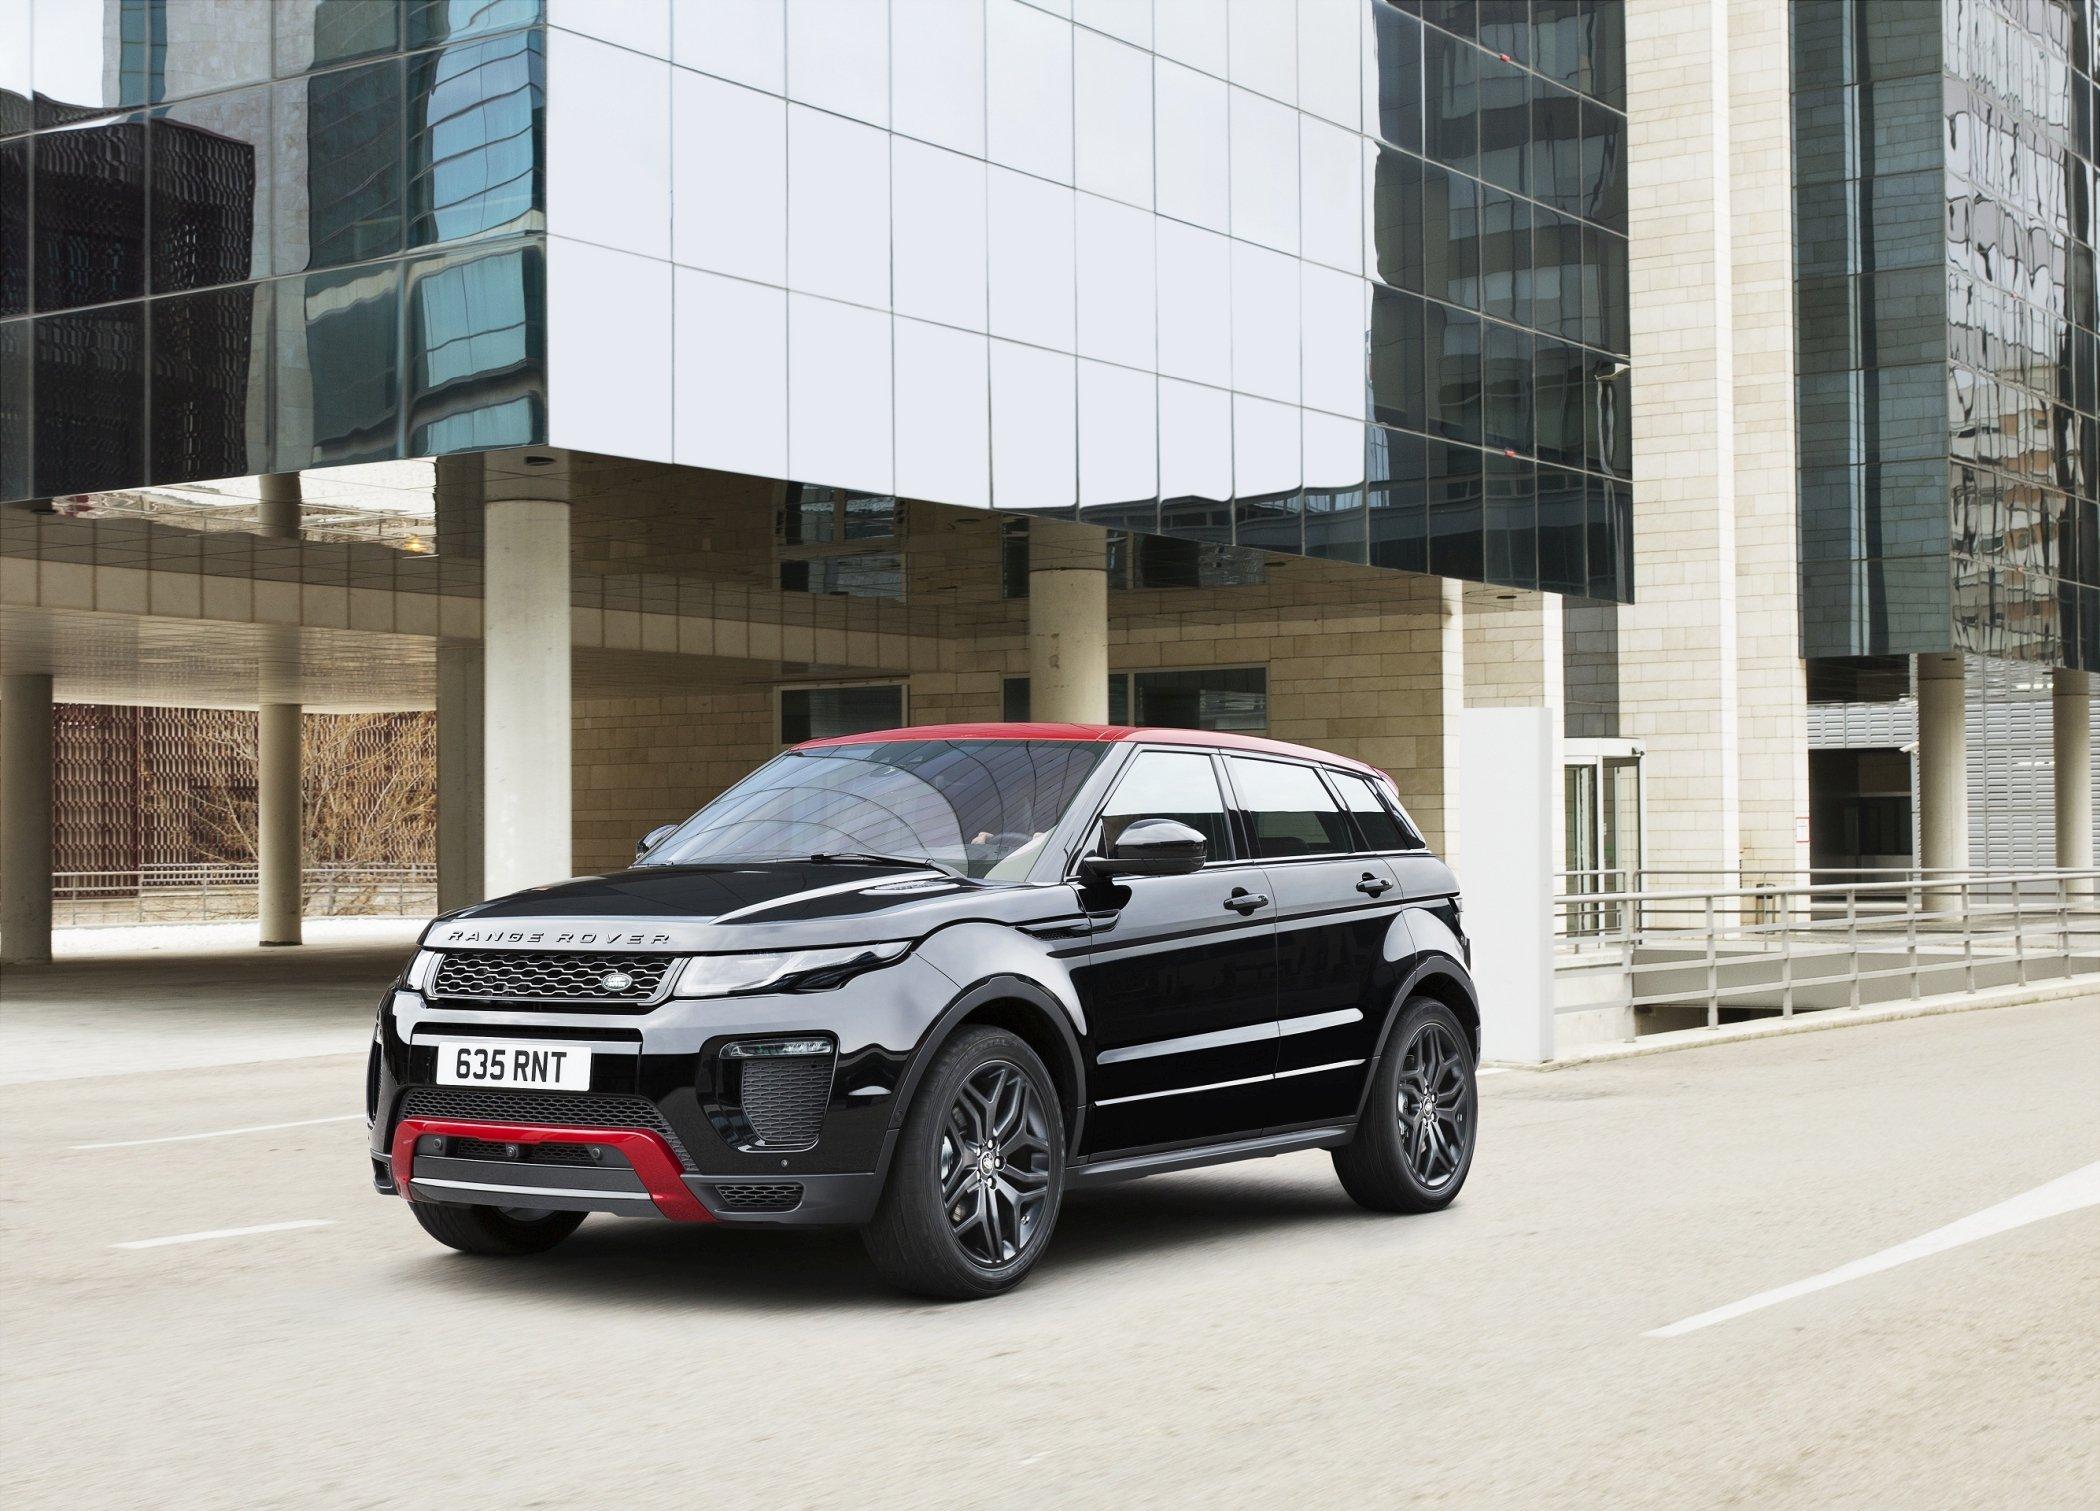 Jaguar Land Rover convoca os modelosRange Rover Evoque, Discovery Sport, Range Rover Velar, Jaguar XE e Jaguar F-PACE produzidos entre maio de 2016 e janeiro de 2018 para recall daflauta de combustível do motor.